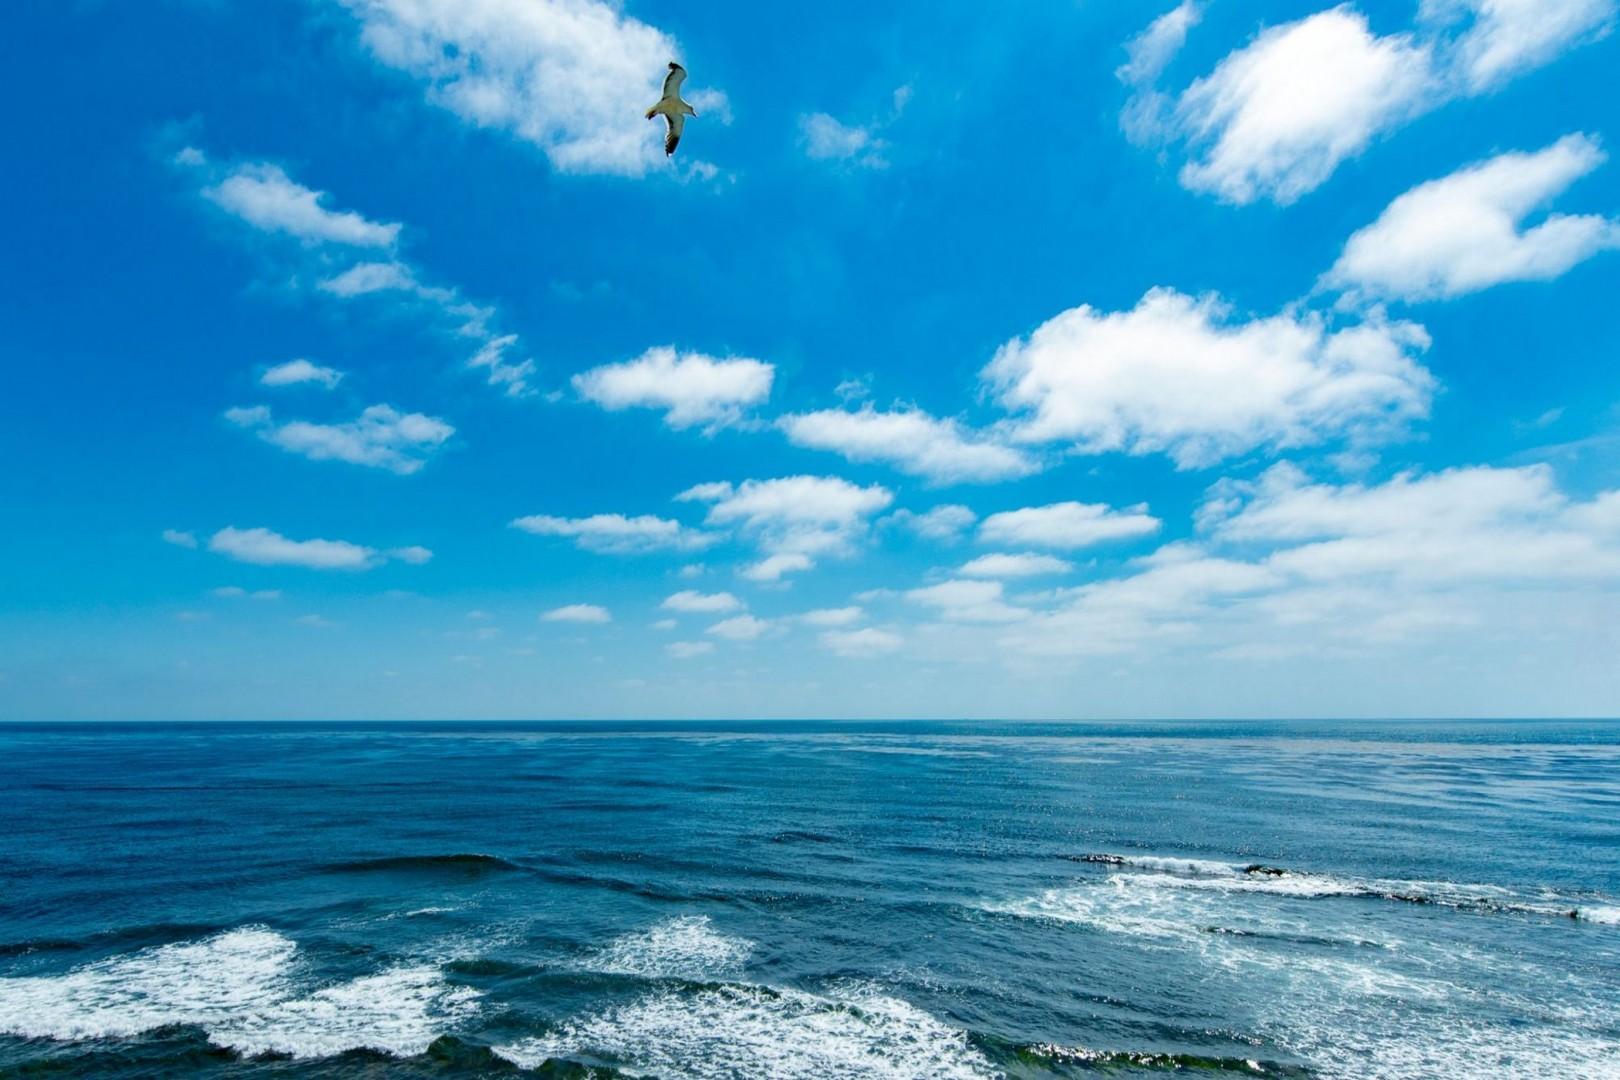 308-vista-de-la-playa-ocean-view